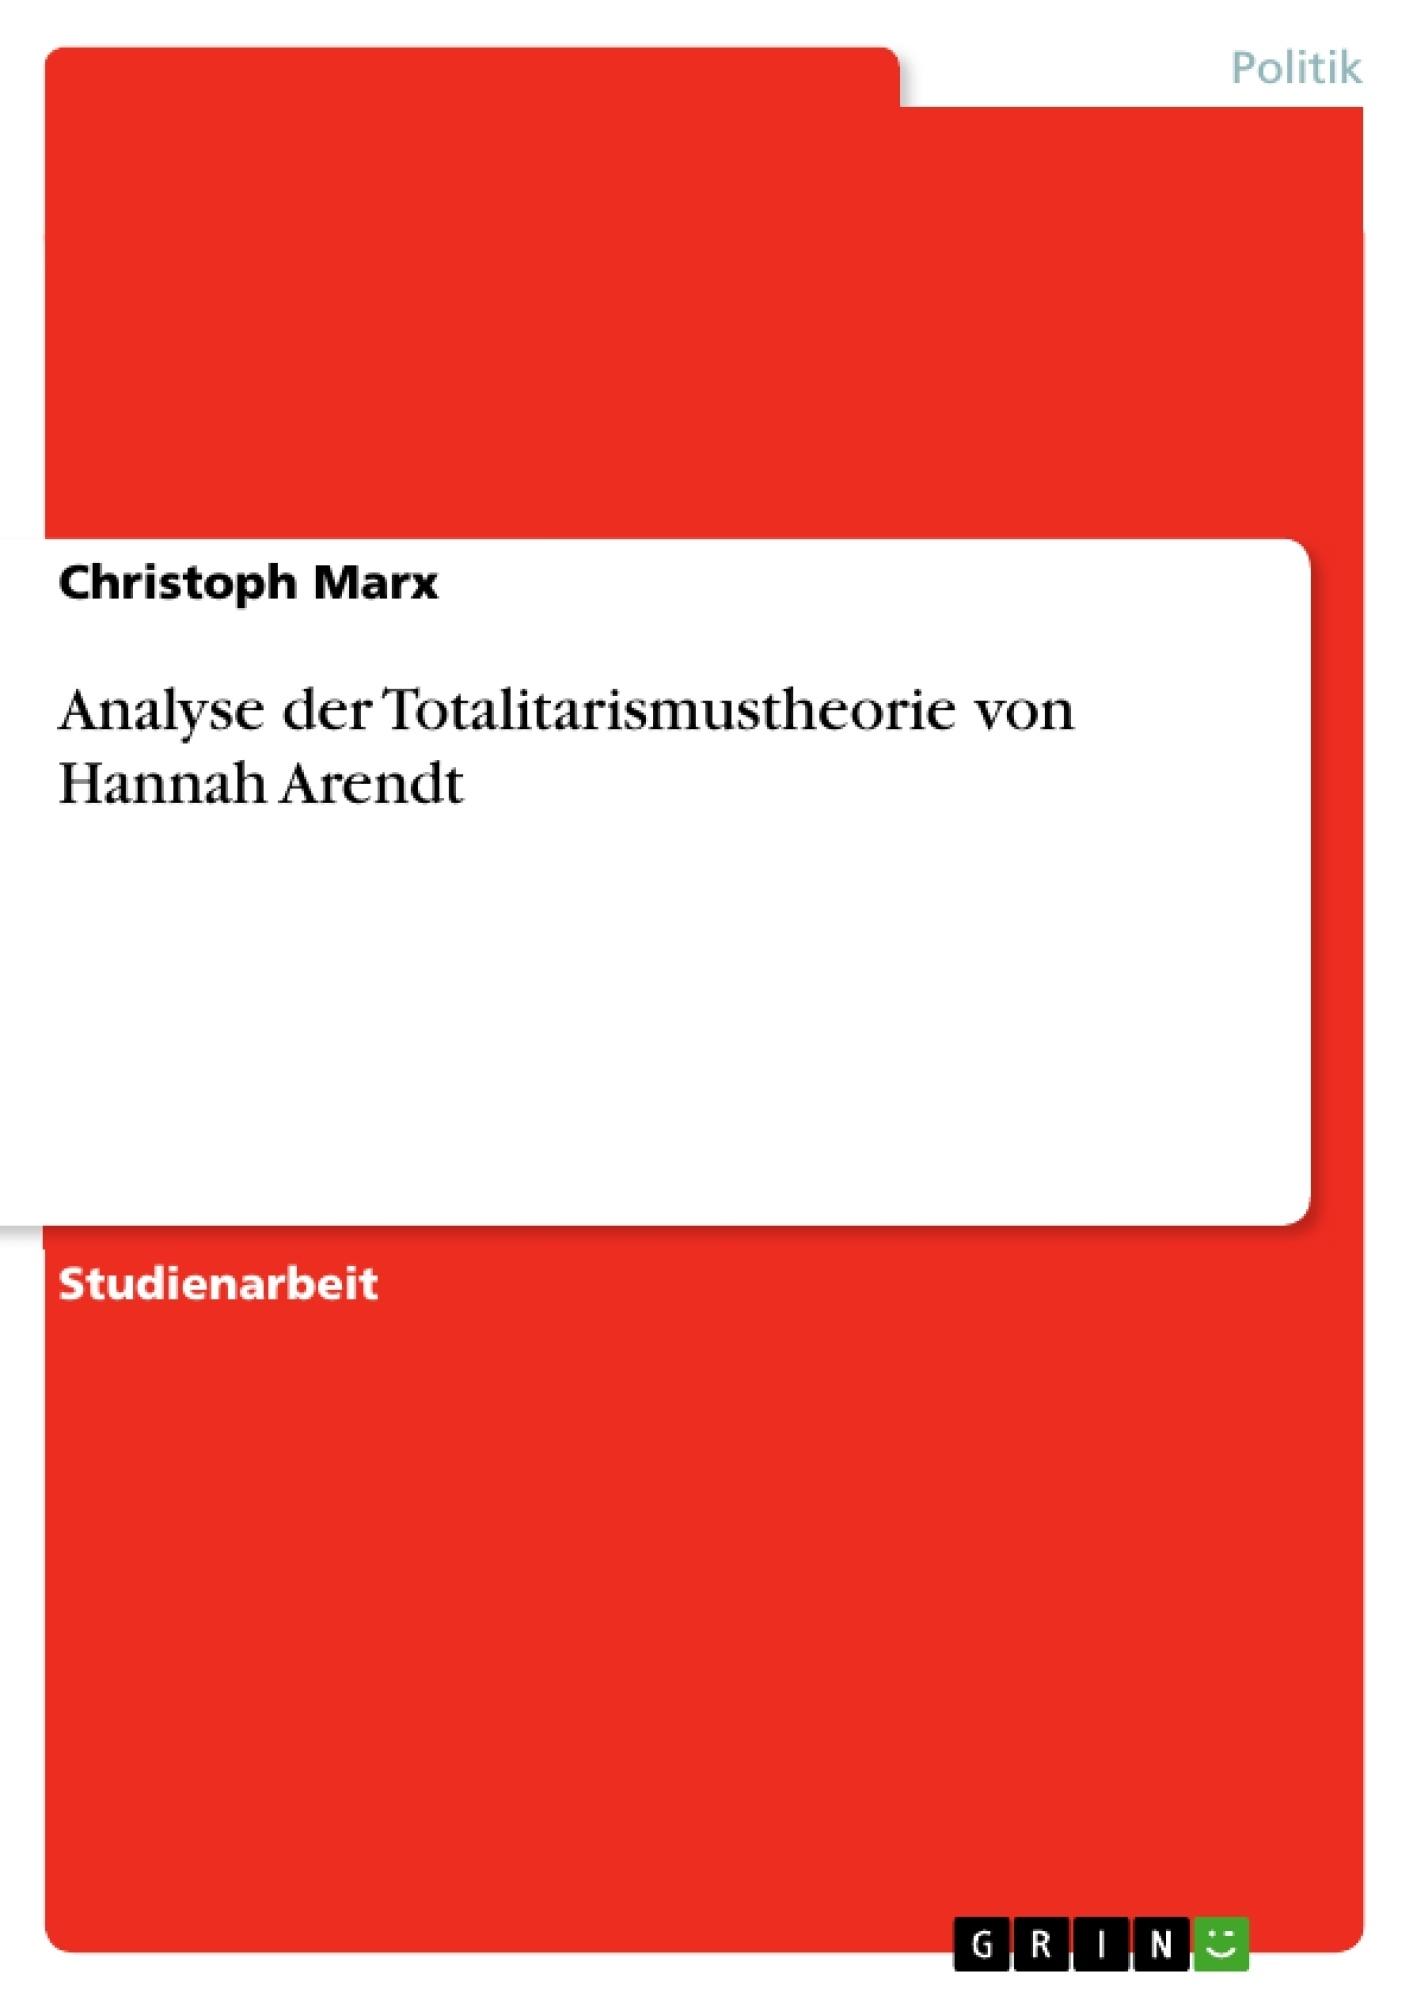 Titel: Analyse der Totalitarismustheorie von Hannah Arendt